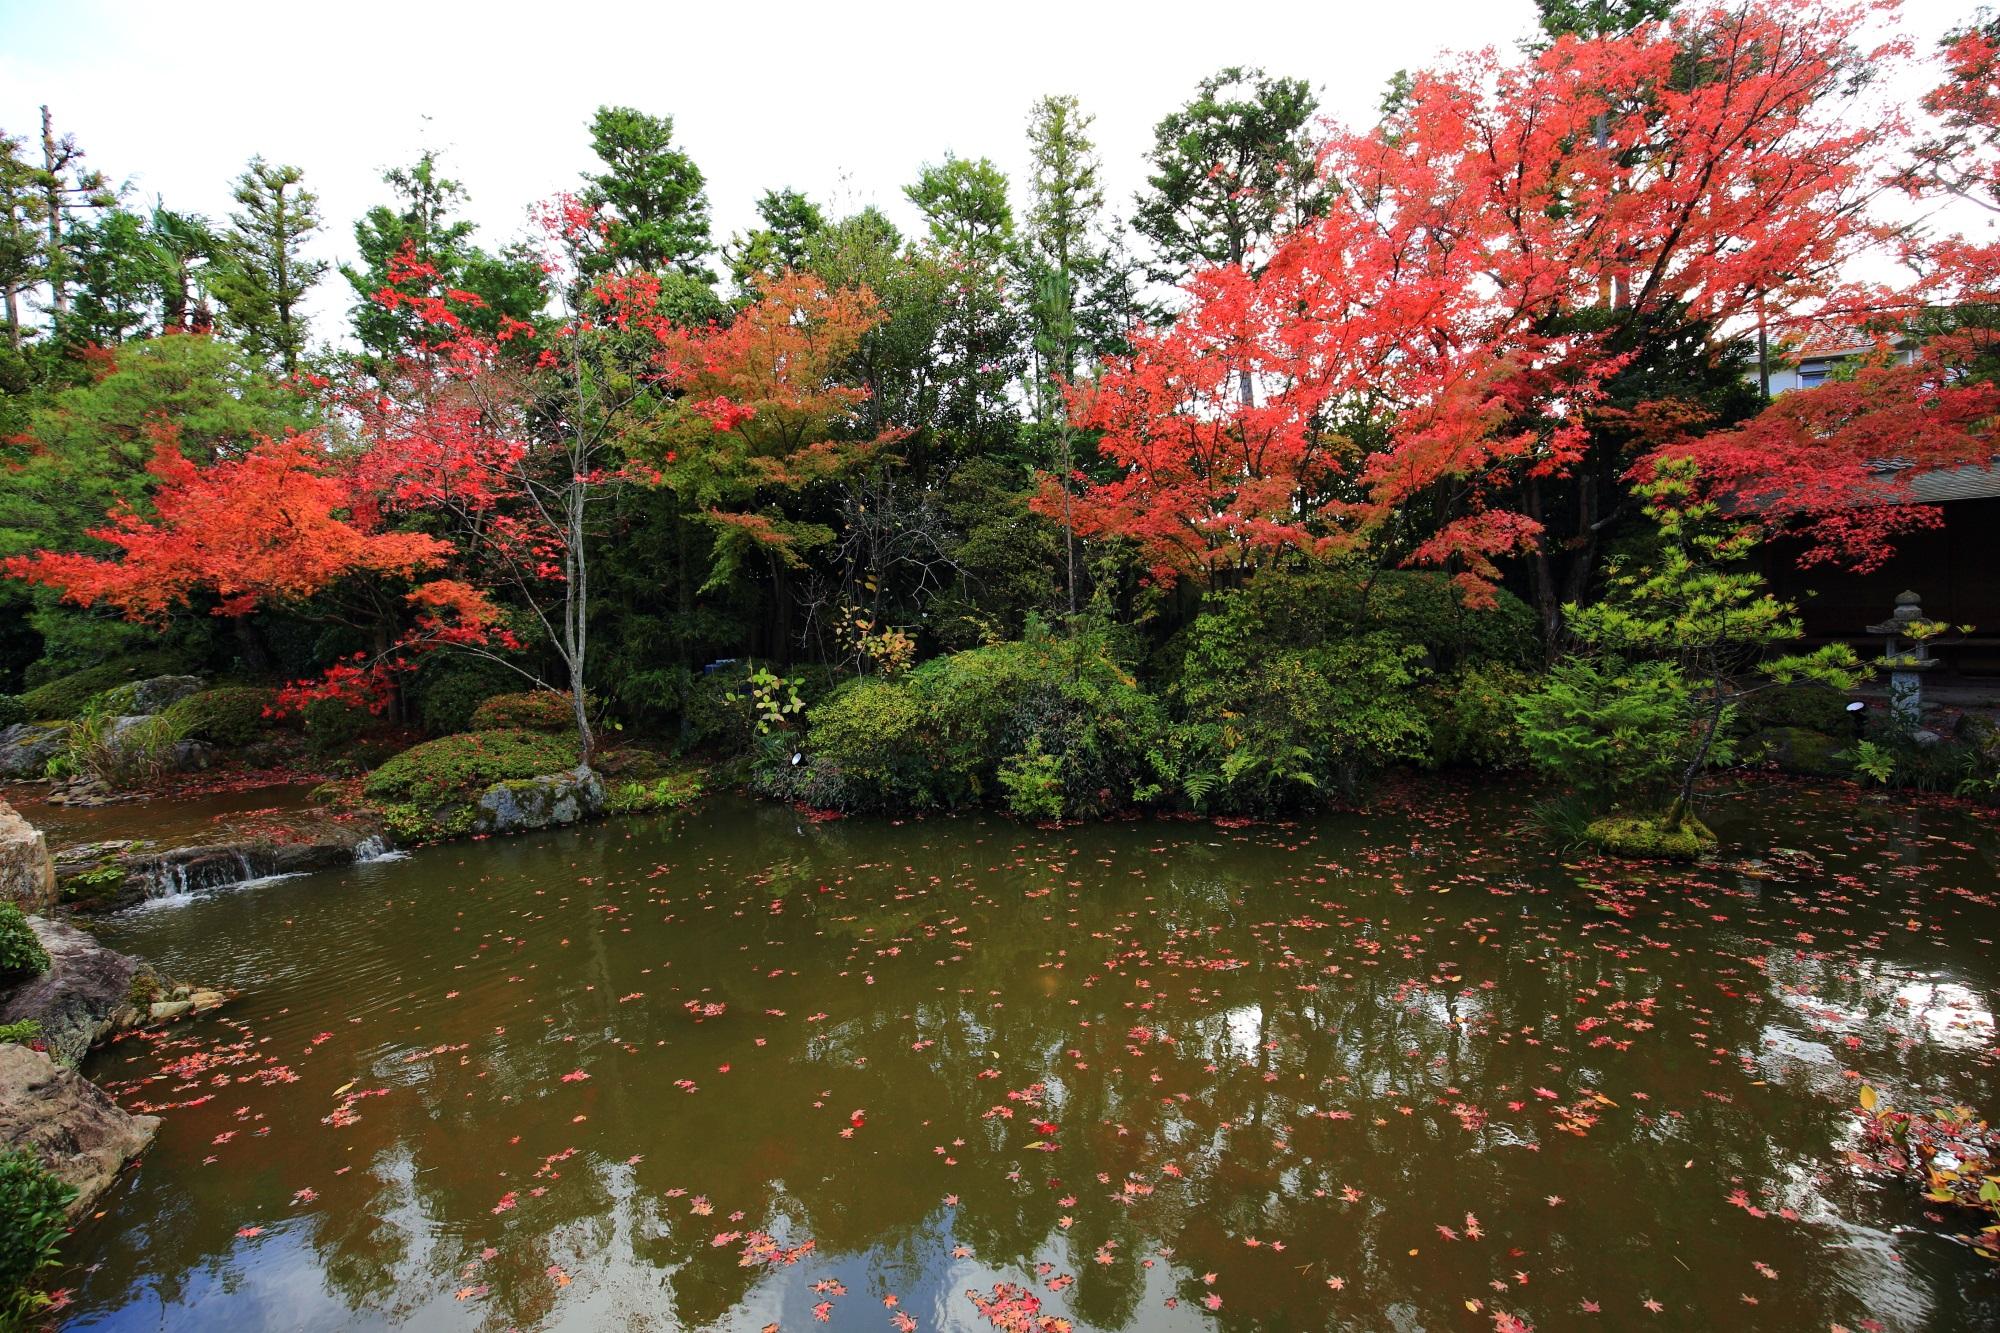 退蔵院の余香苑の緑と水を華やぐ鮮やかな紅葉と散りもみじ